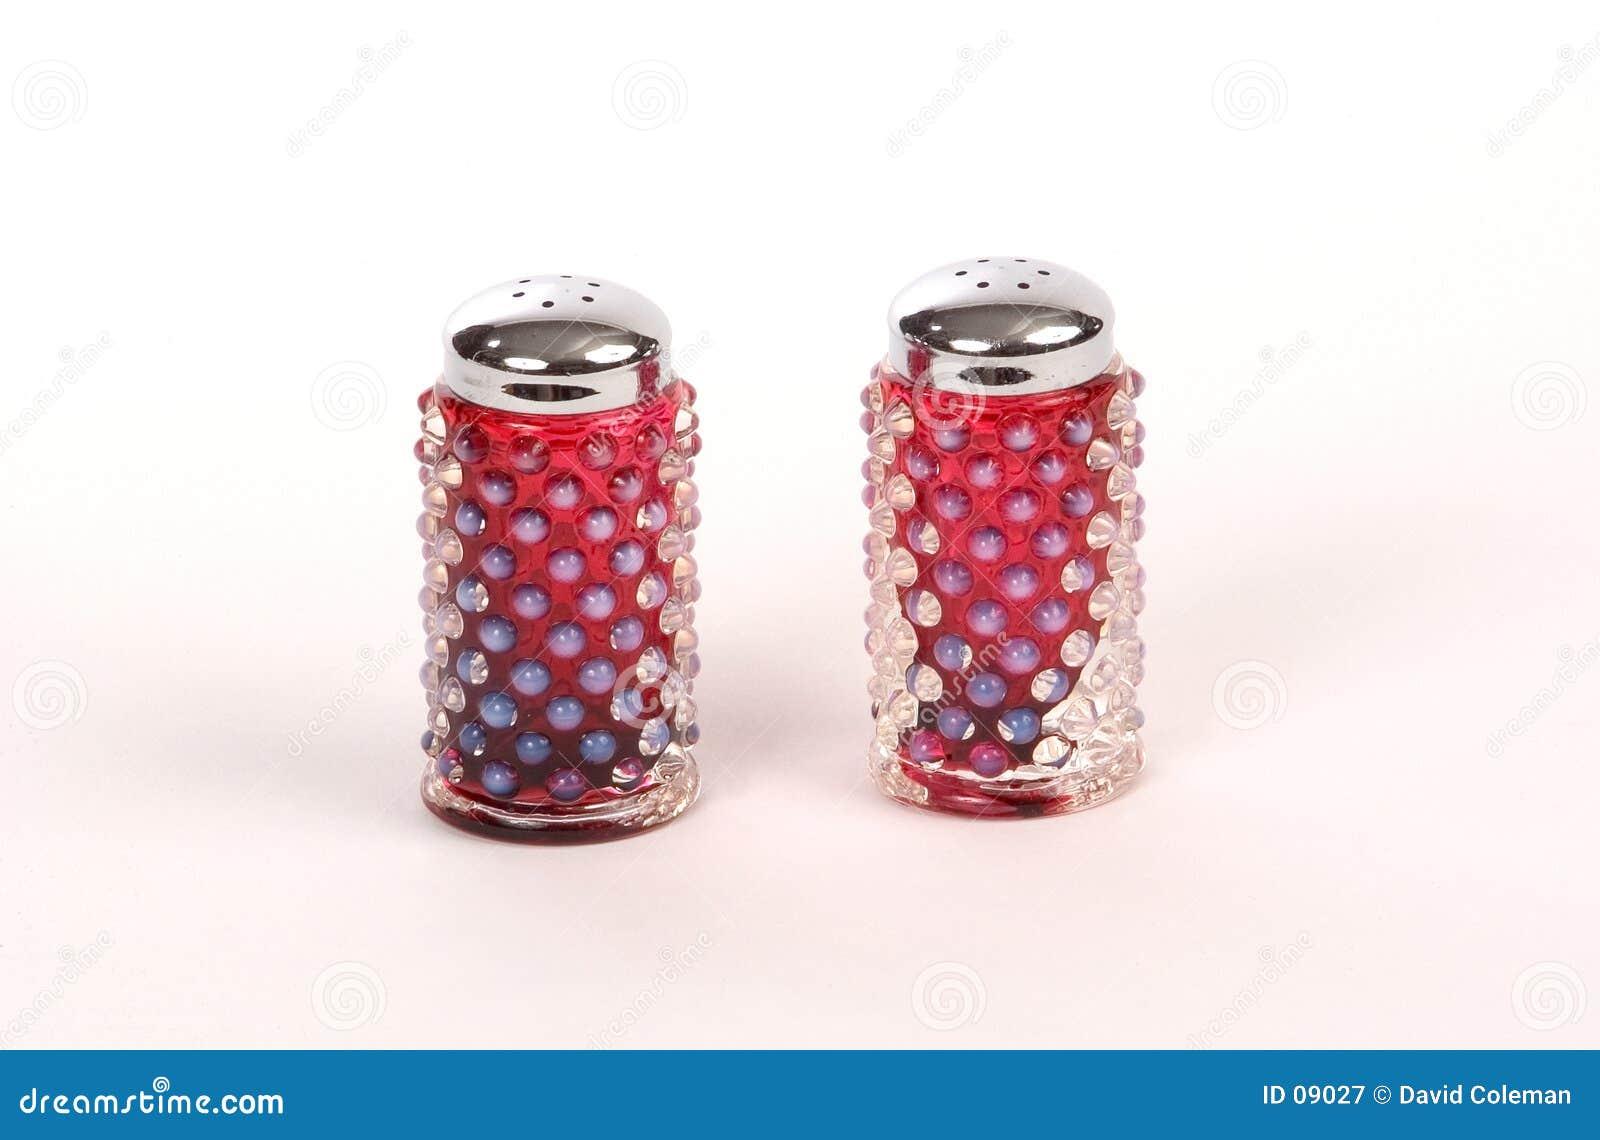 Abanadores de sal